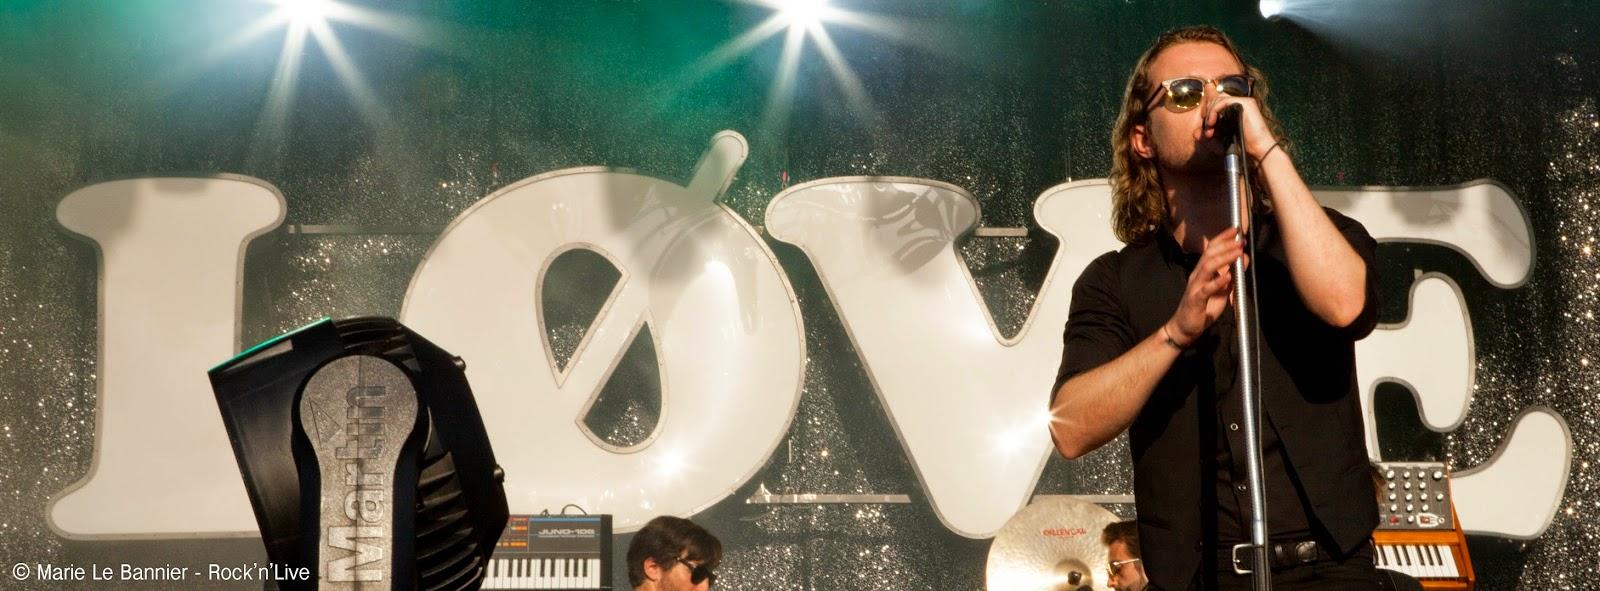 Julien Doré Festival Fnac Live Paris Rock'n'Live 2014 Live Concert Marie Le Bannier Love Paris-Seychelles Les Limites